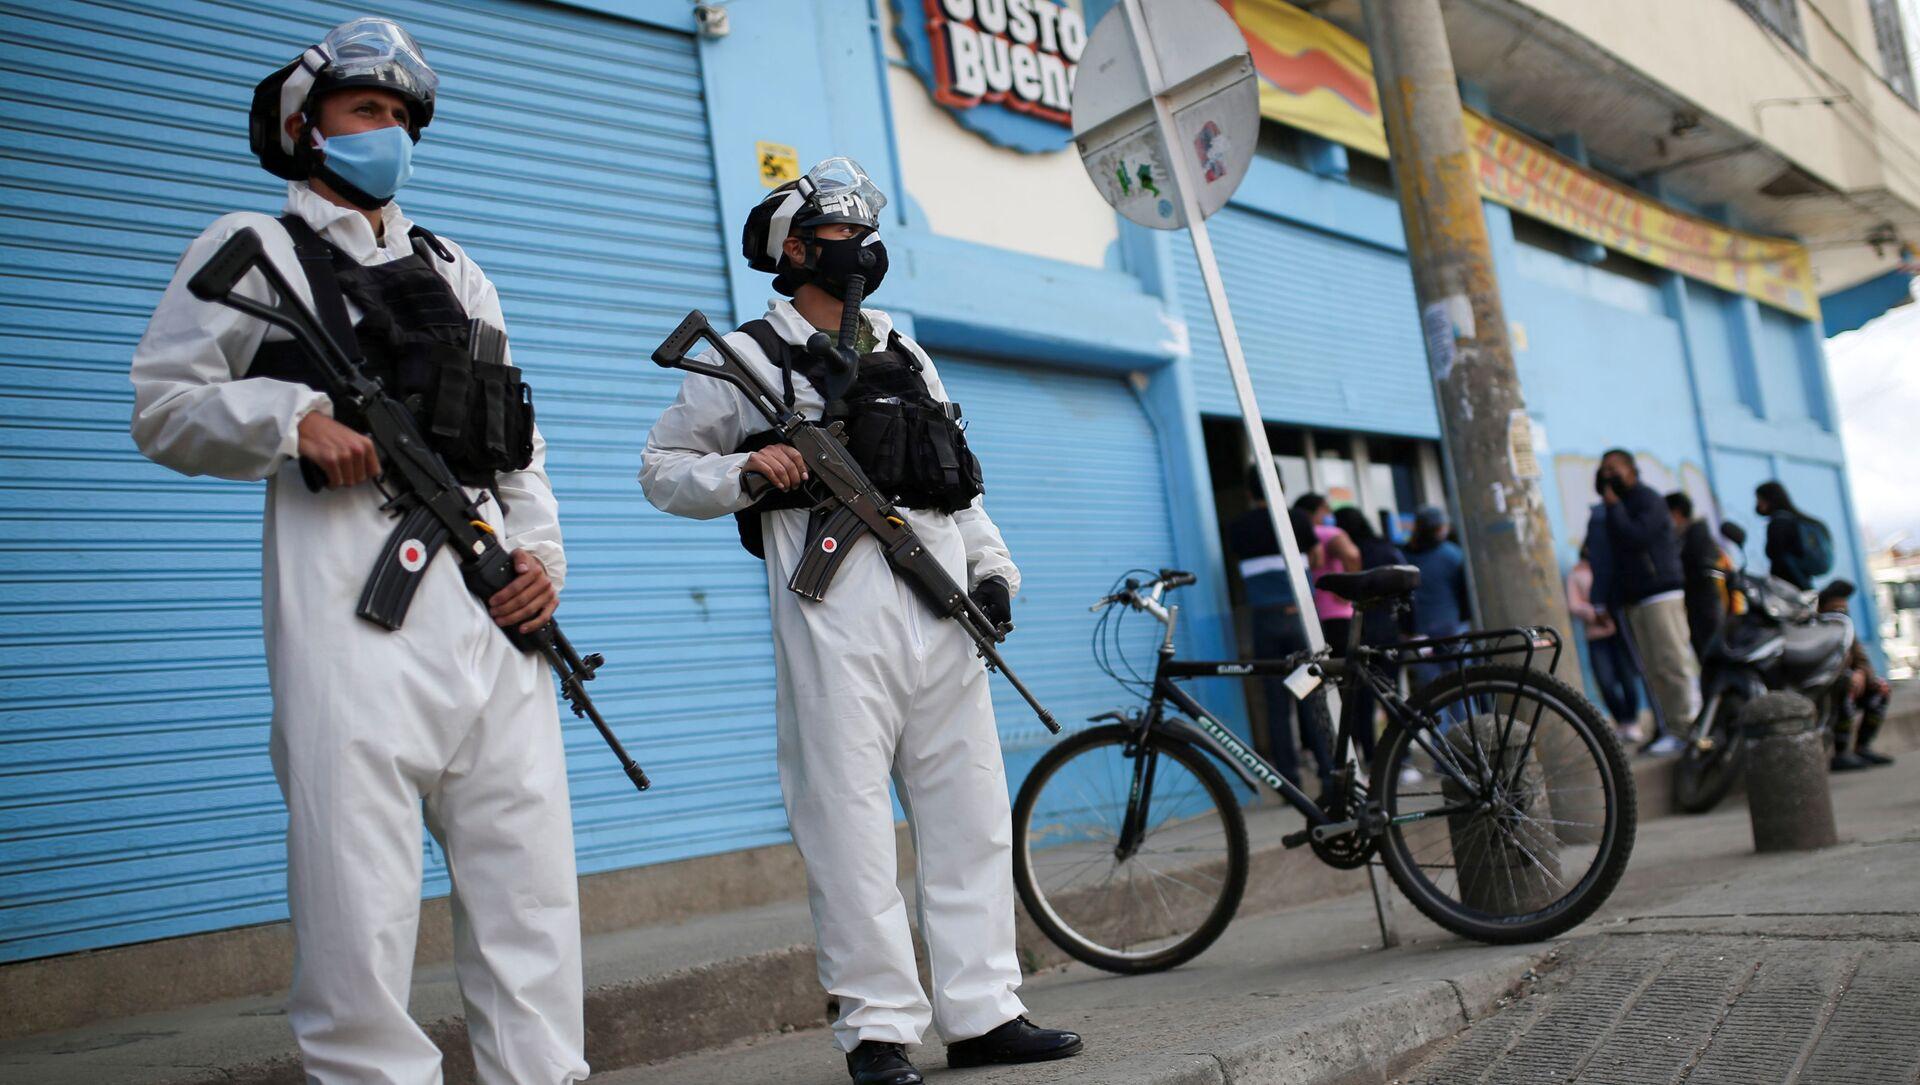 Agentes de la Policía militar de Colombia - Sputnik Mundo, 1920, 05.08.2020